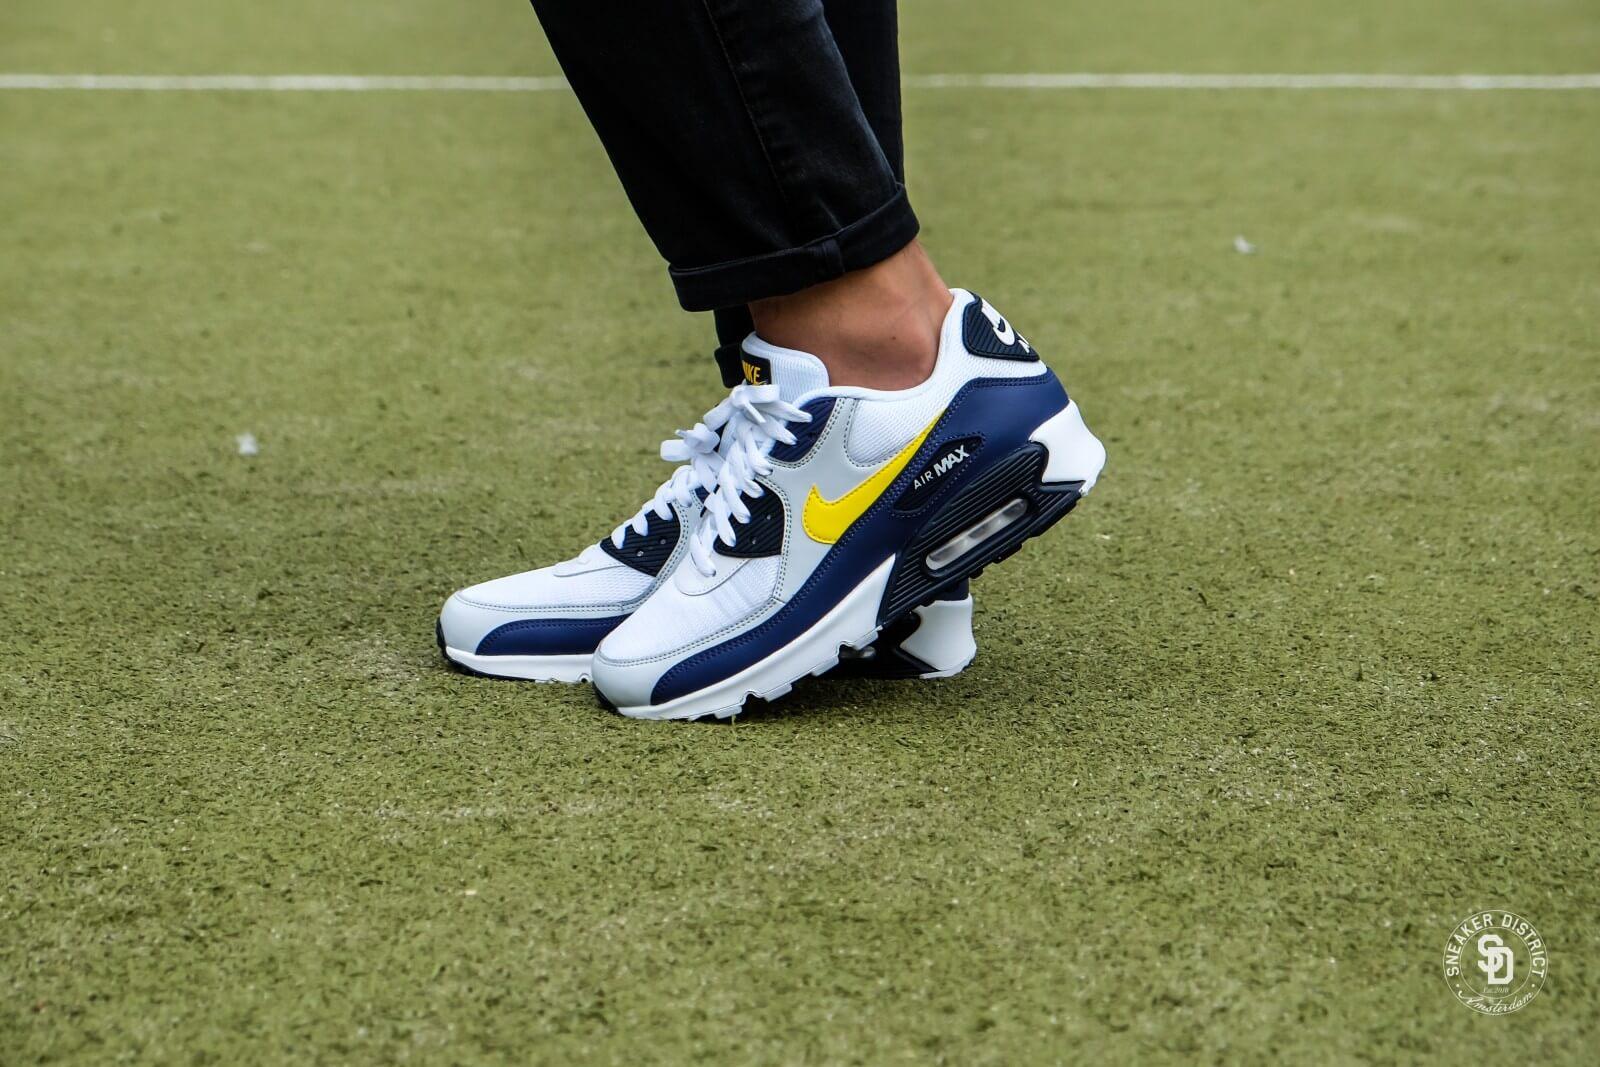 Nike Air Max 90 Essential White/Tour